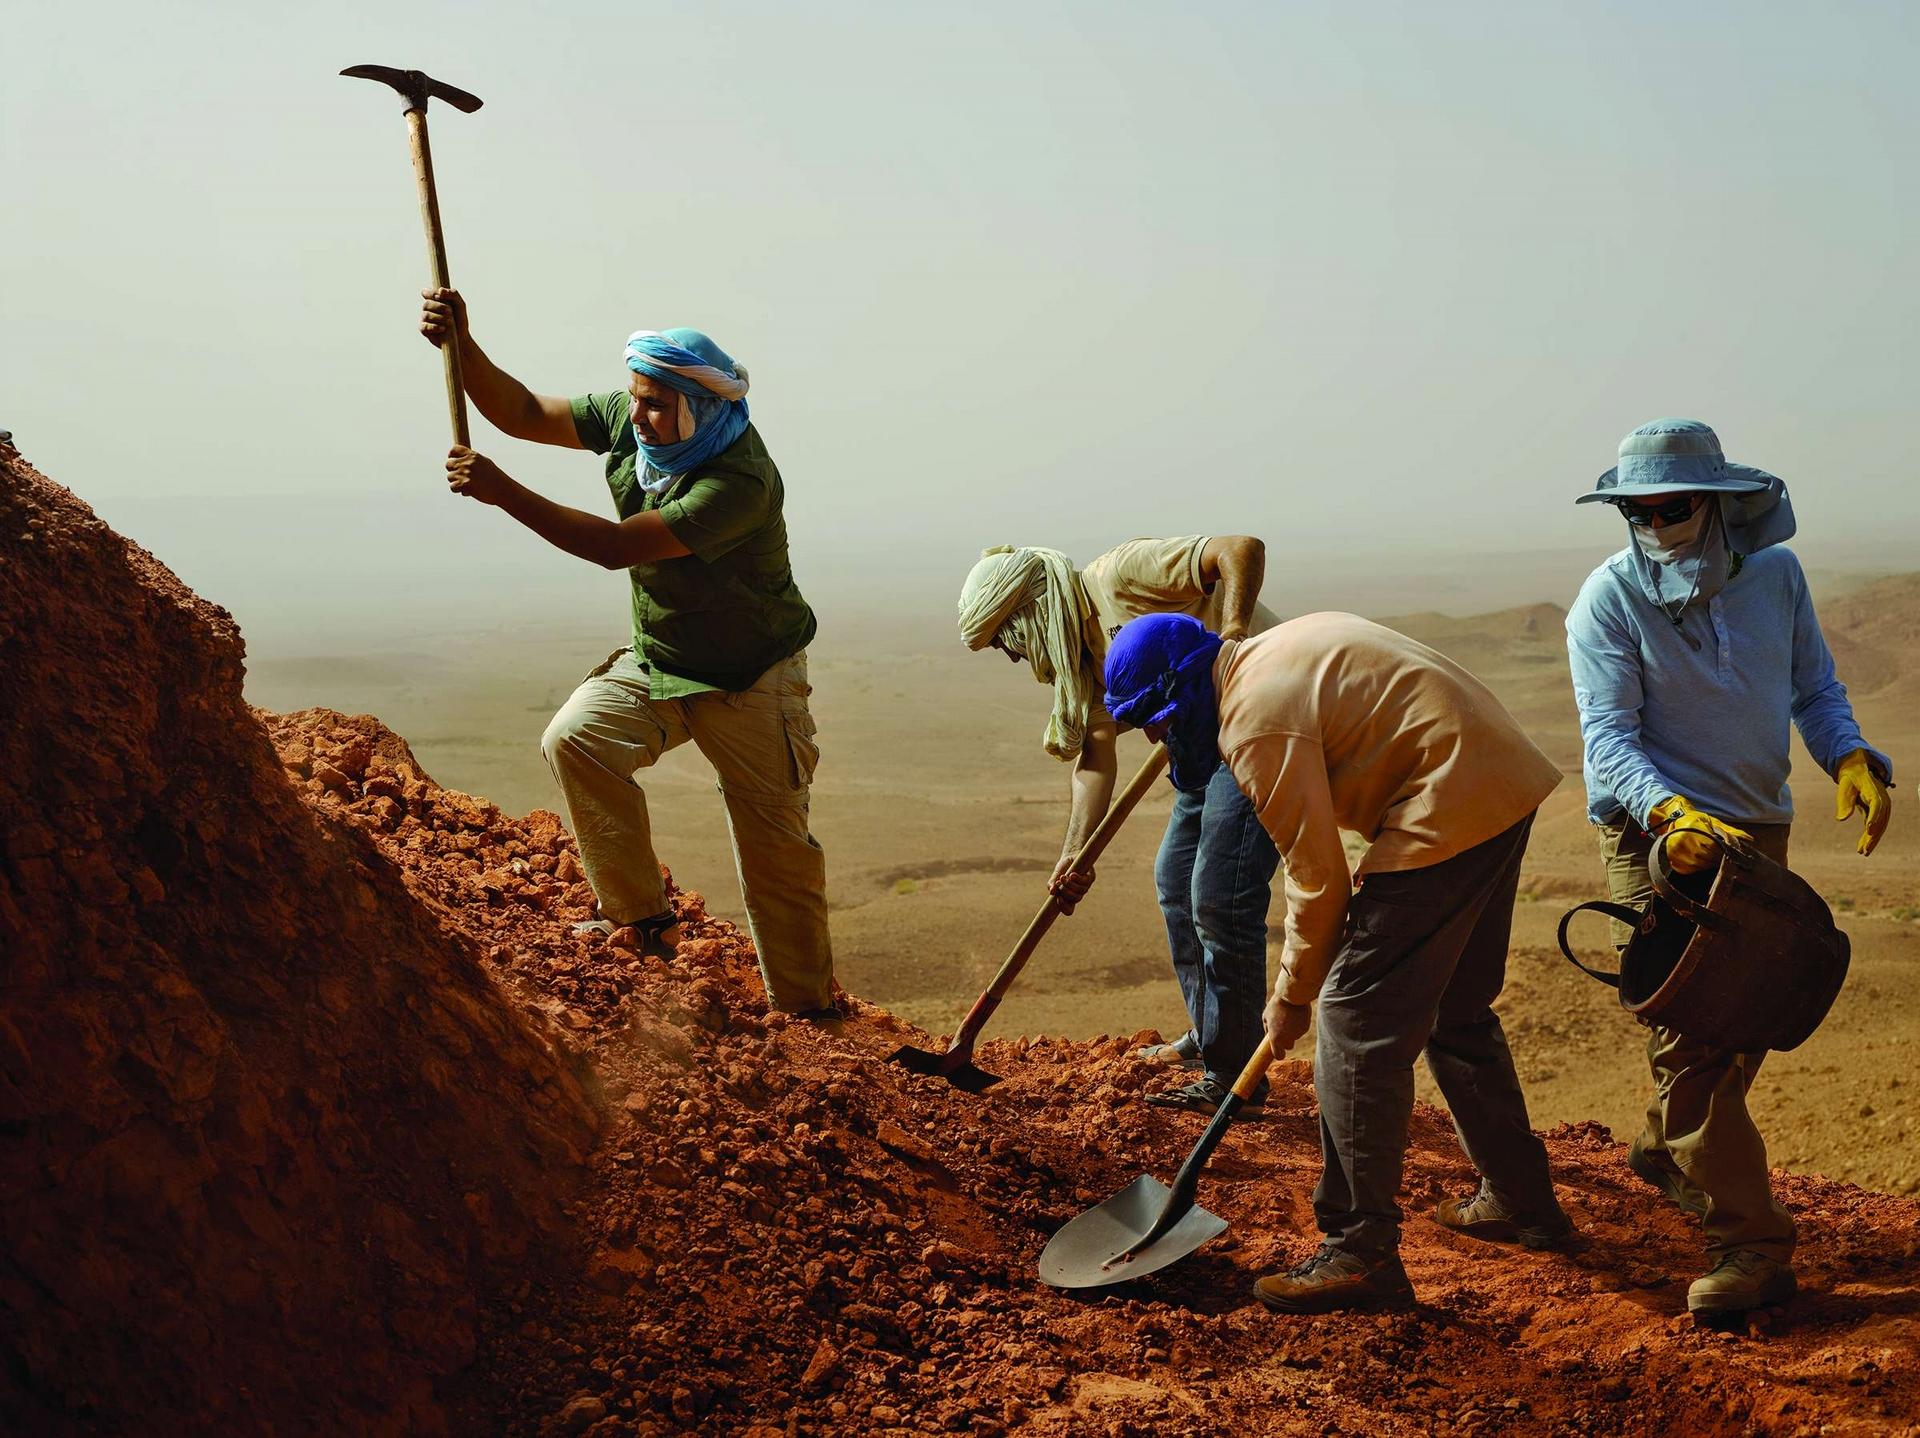 在摩洛哥的撒哈拉沙漠,鐵鍬與尖鋤此起彼落地飛舞著,一群古生物學家、學生和專業挖掘者正在尋找埃及棘龍的化石。在這個地點找到的骨頭顯示,棘龍的尾部可以在水中推動前進,這是第一次在大型食肉恐龍身上發現這個特徵。攝影:保羅.維佐尼 PAOLO VERZONE